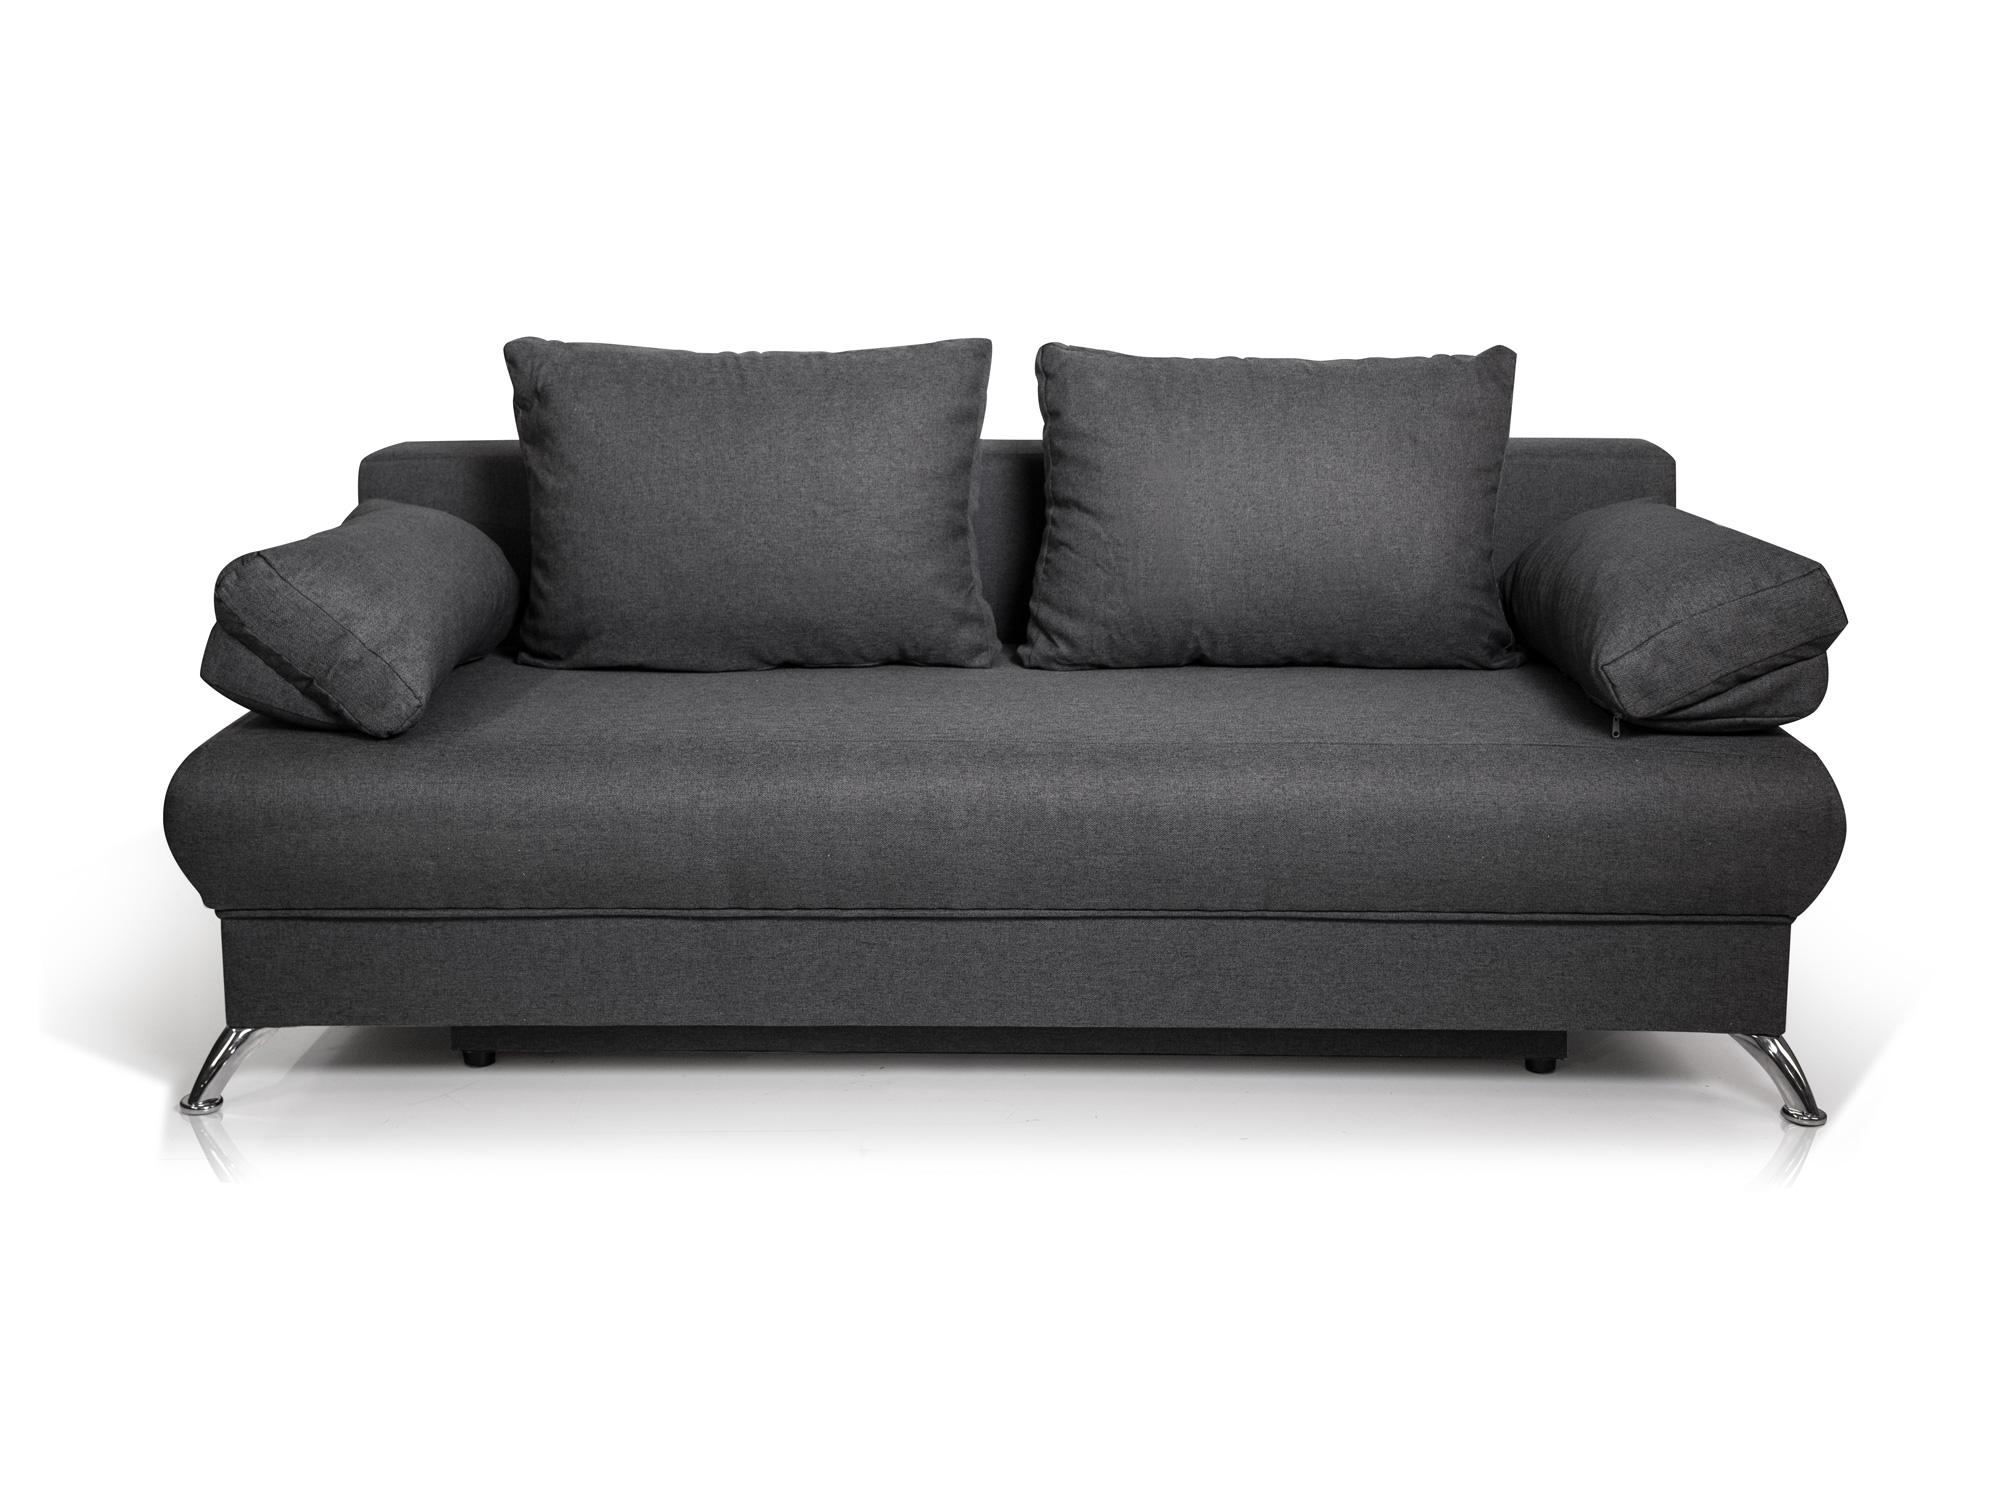 schlafsofas kika schlafzimmer set poster f r farben ideen gebrauchte komplett ebay bettw sche. Black Bedroom Furniture Sets. Home Design Ideas